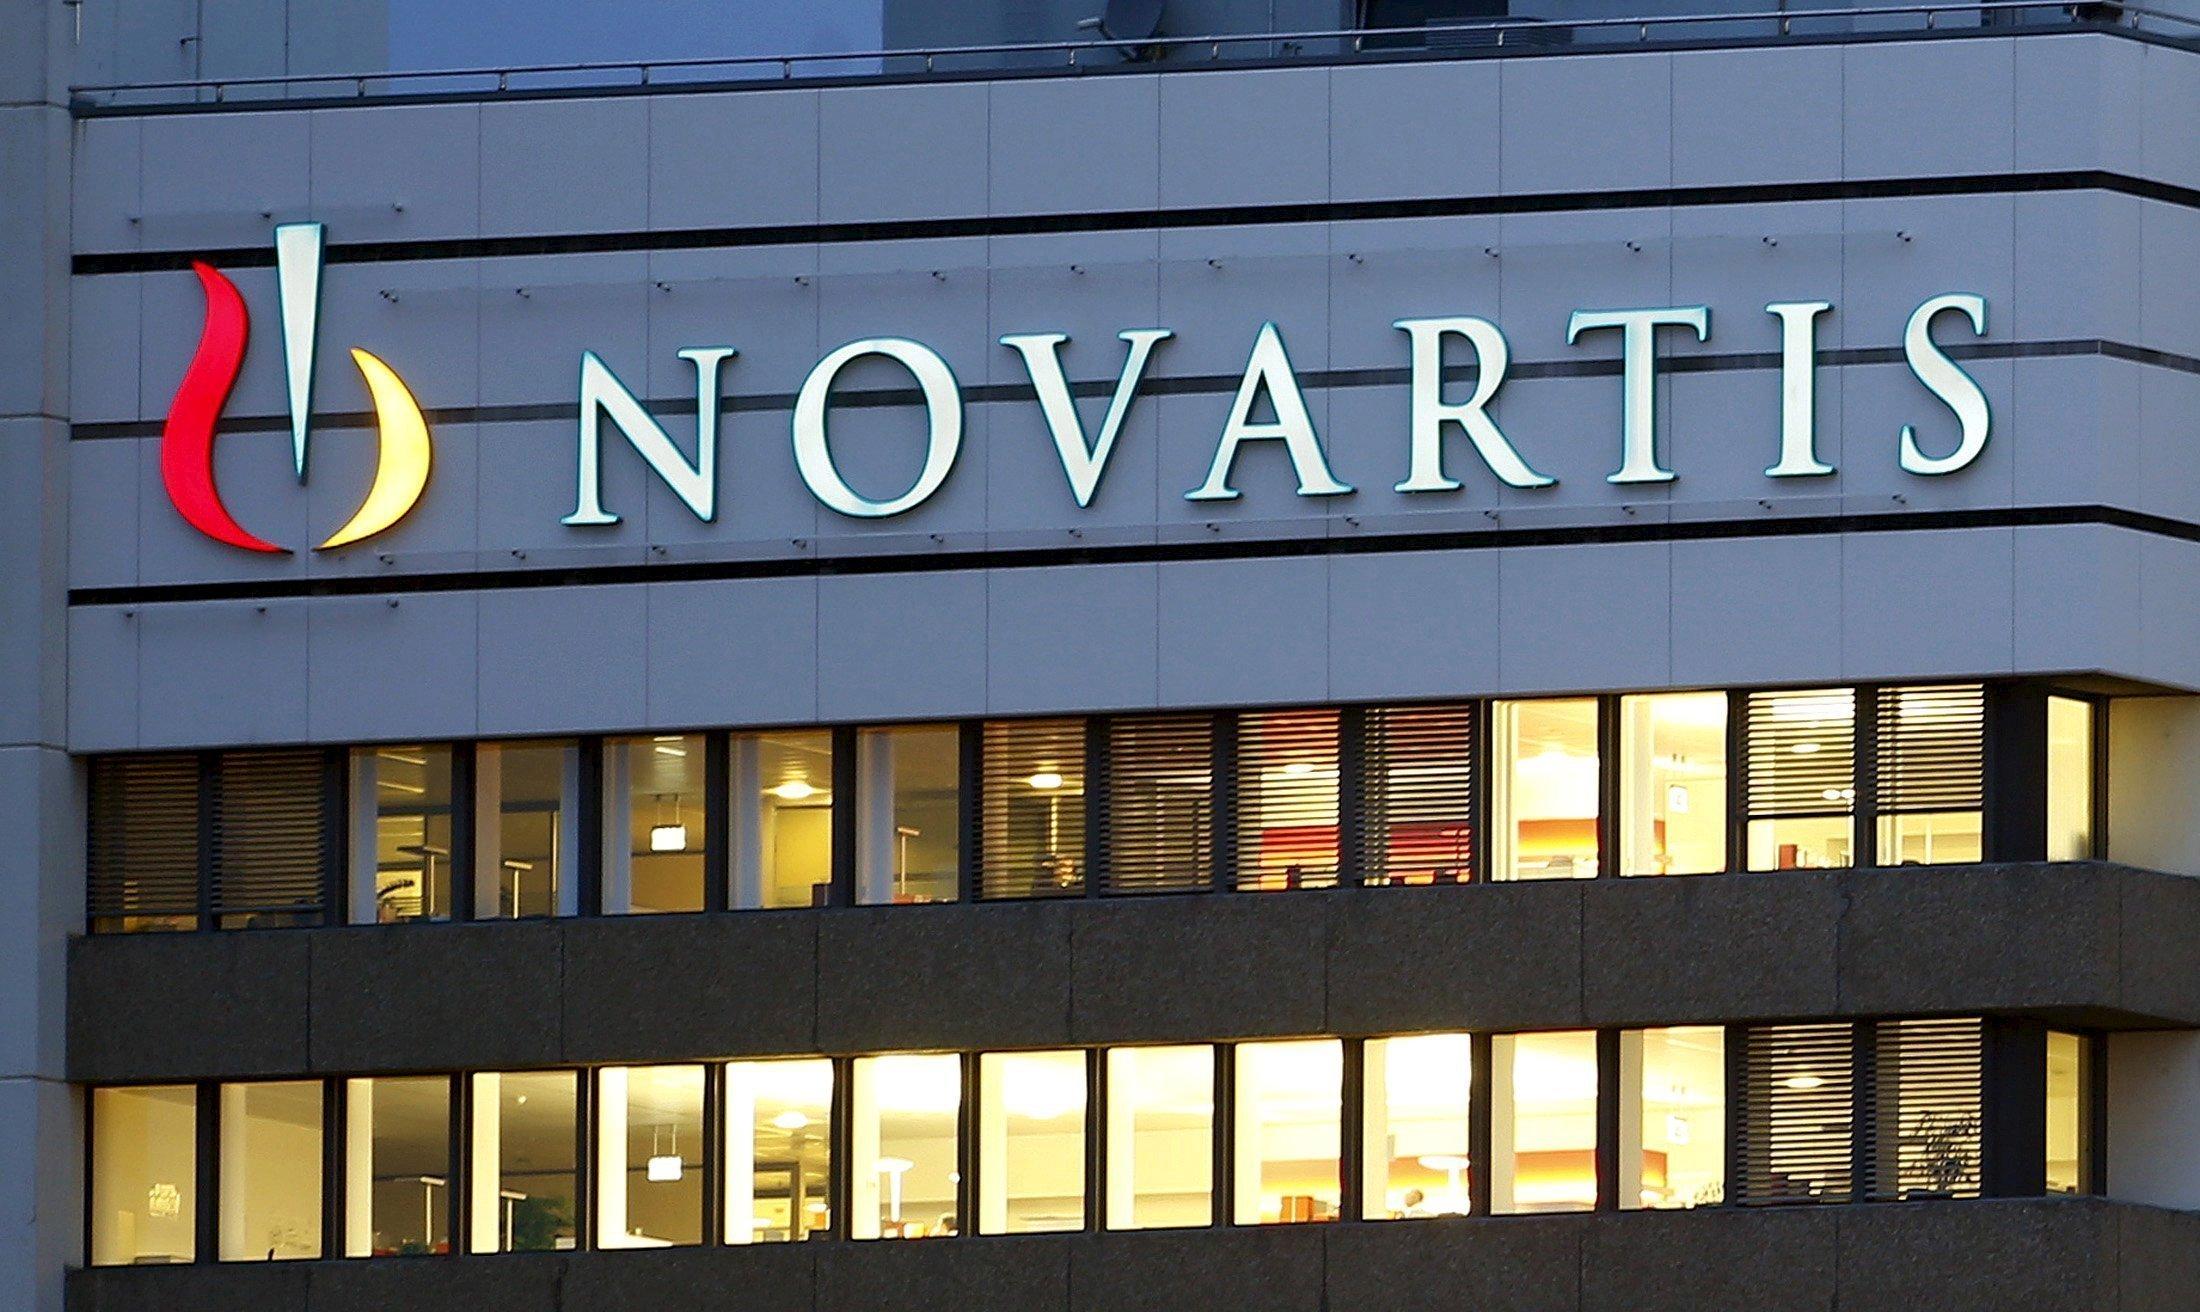 Η εισαγγελία, οι χρονικές συμπτώσεις και η «σκάει από ώρα σε ώρα» υπόθεση Novartis